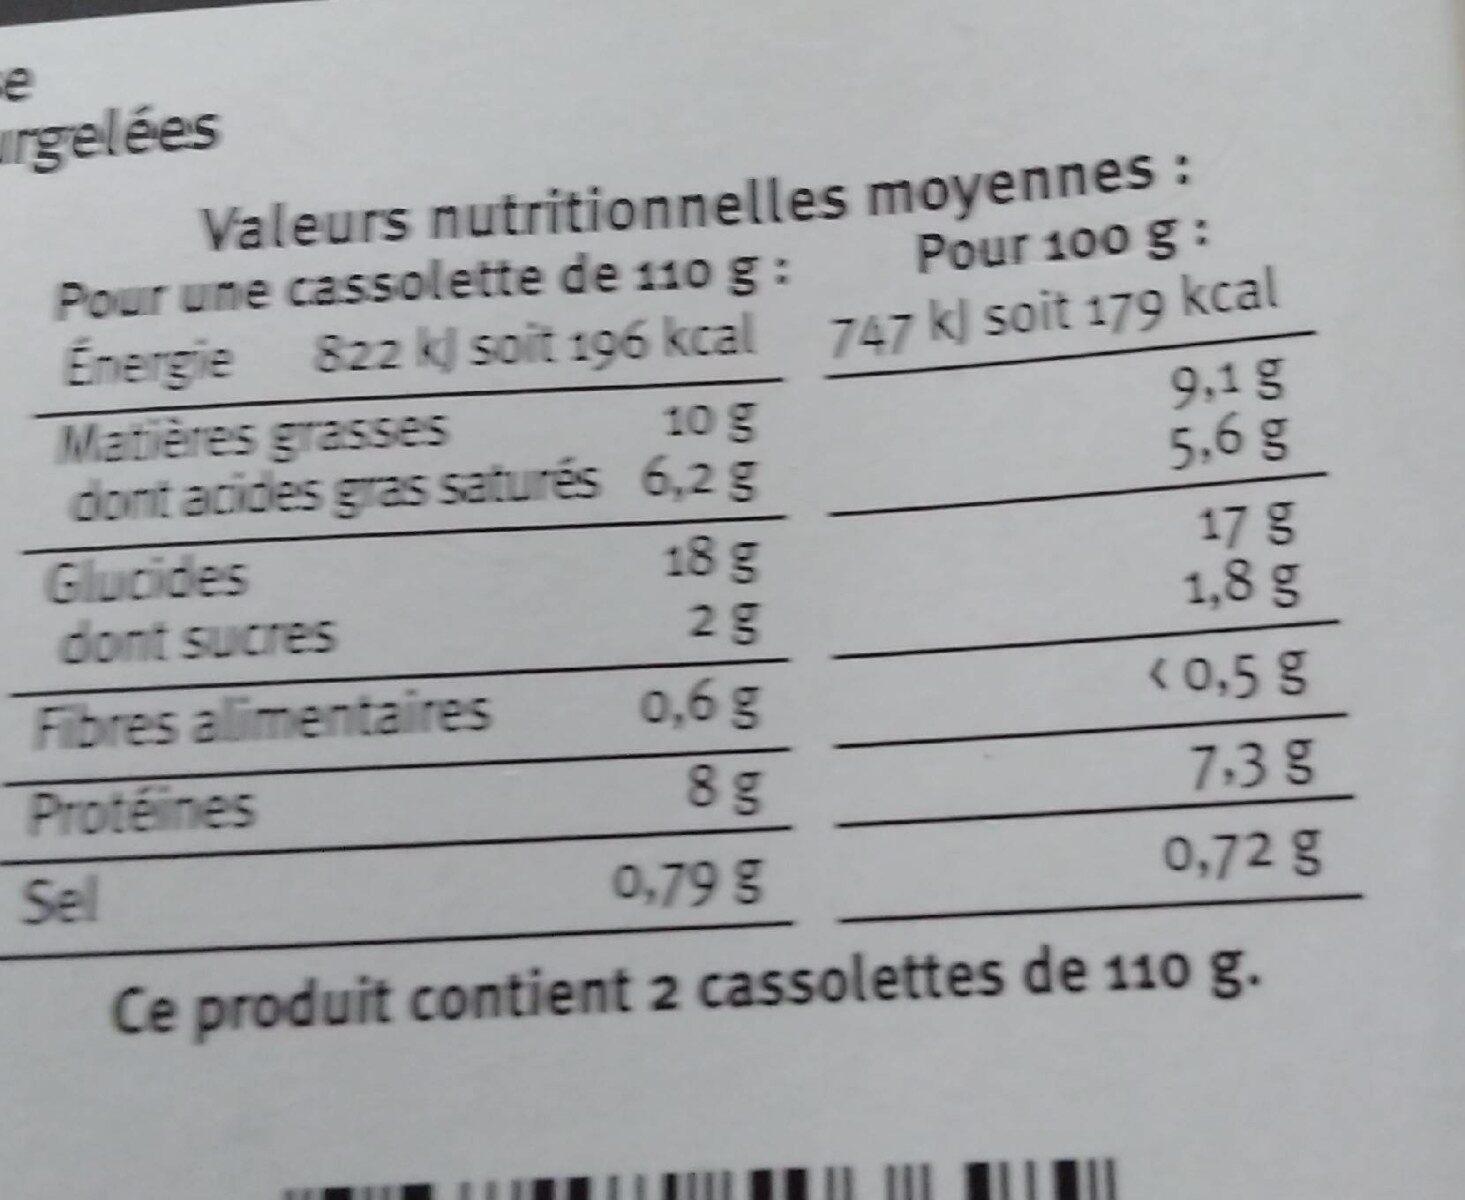 Cassolettes lutées de Saint Jacques sauce crémeuse au Sancerre - Nutrition facts - fr